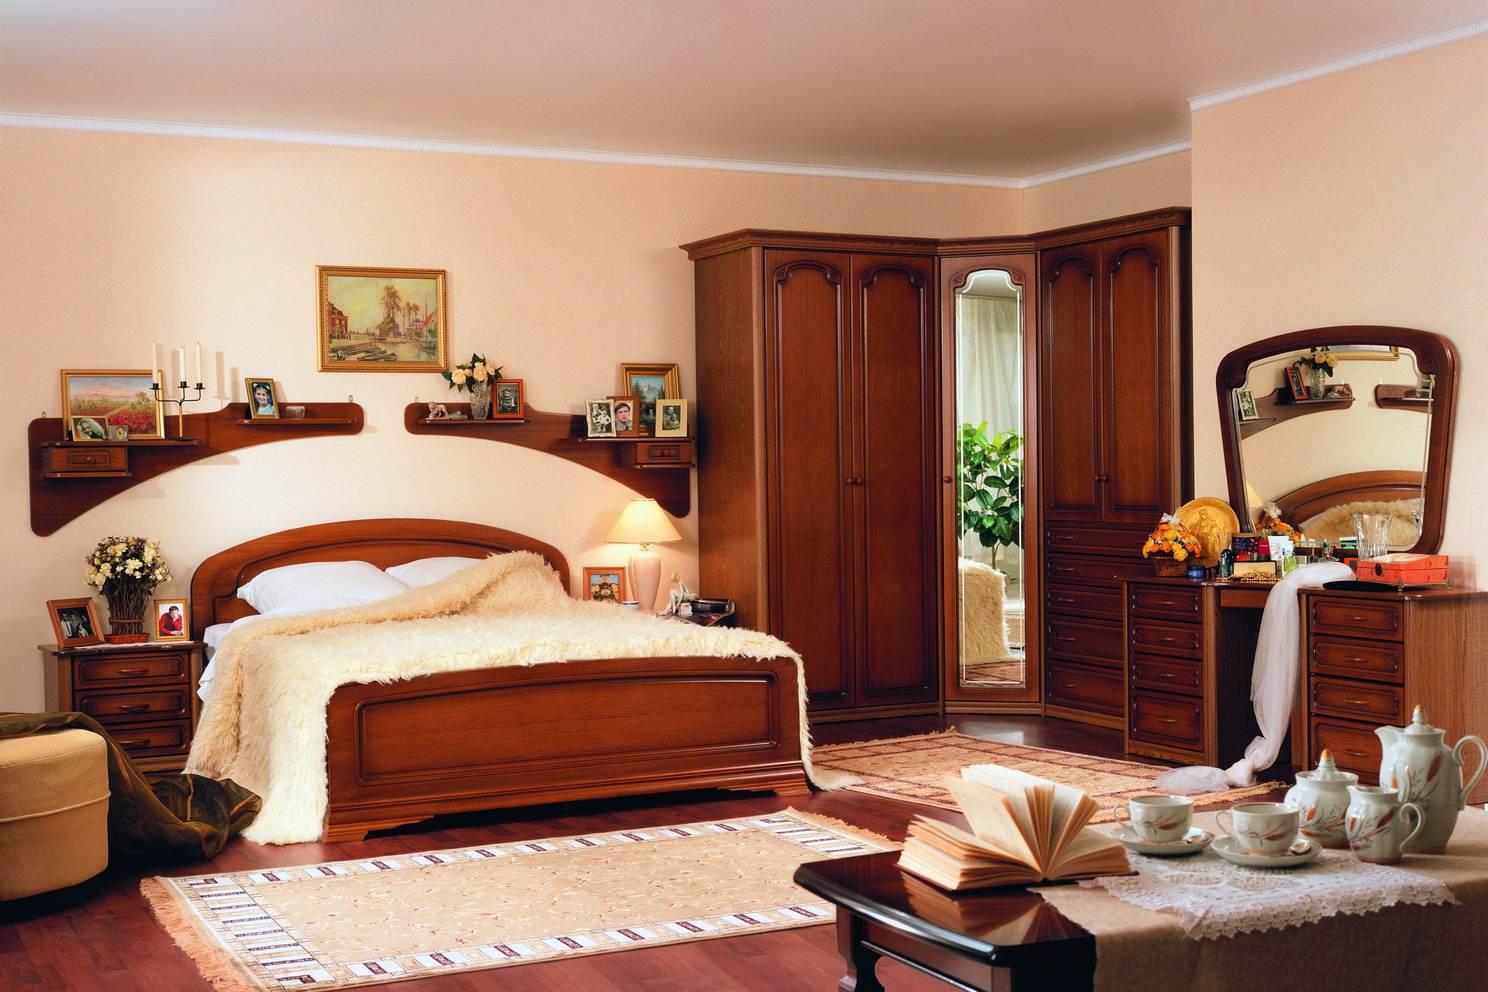 подбираем мебель для спальной комнаты